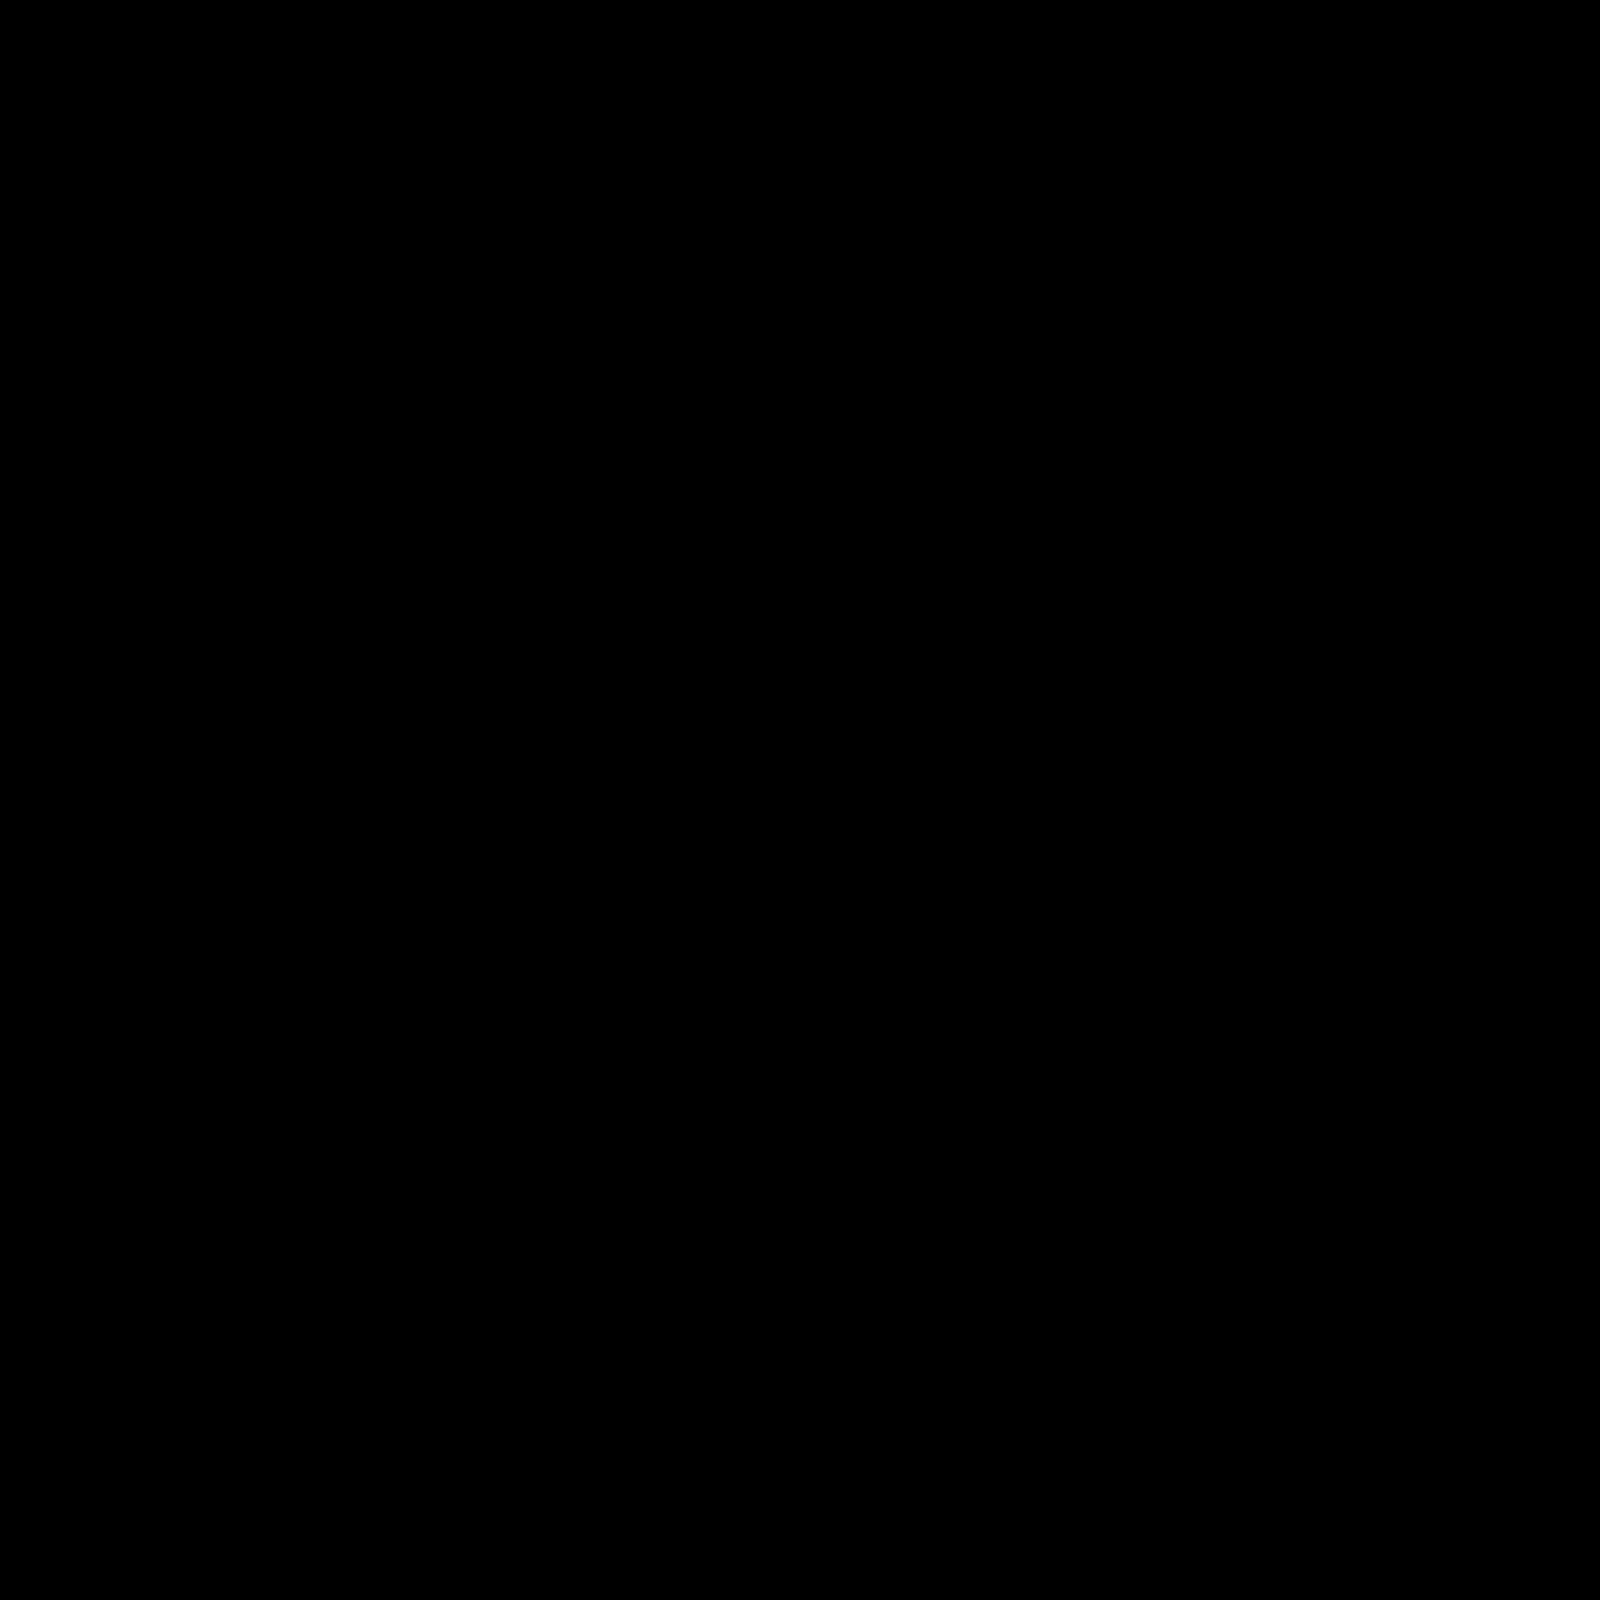 Wodociąg icon